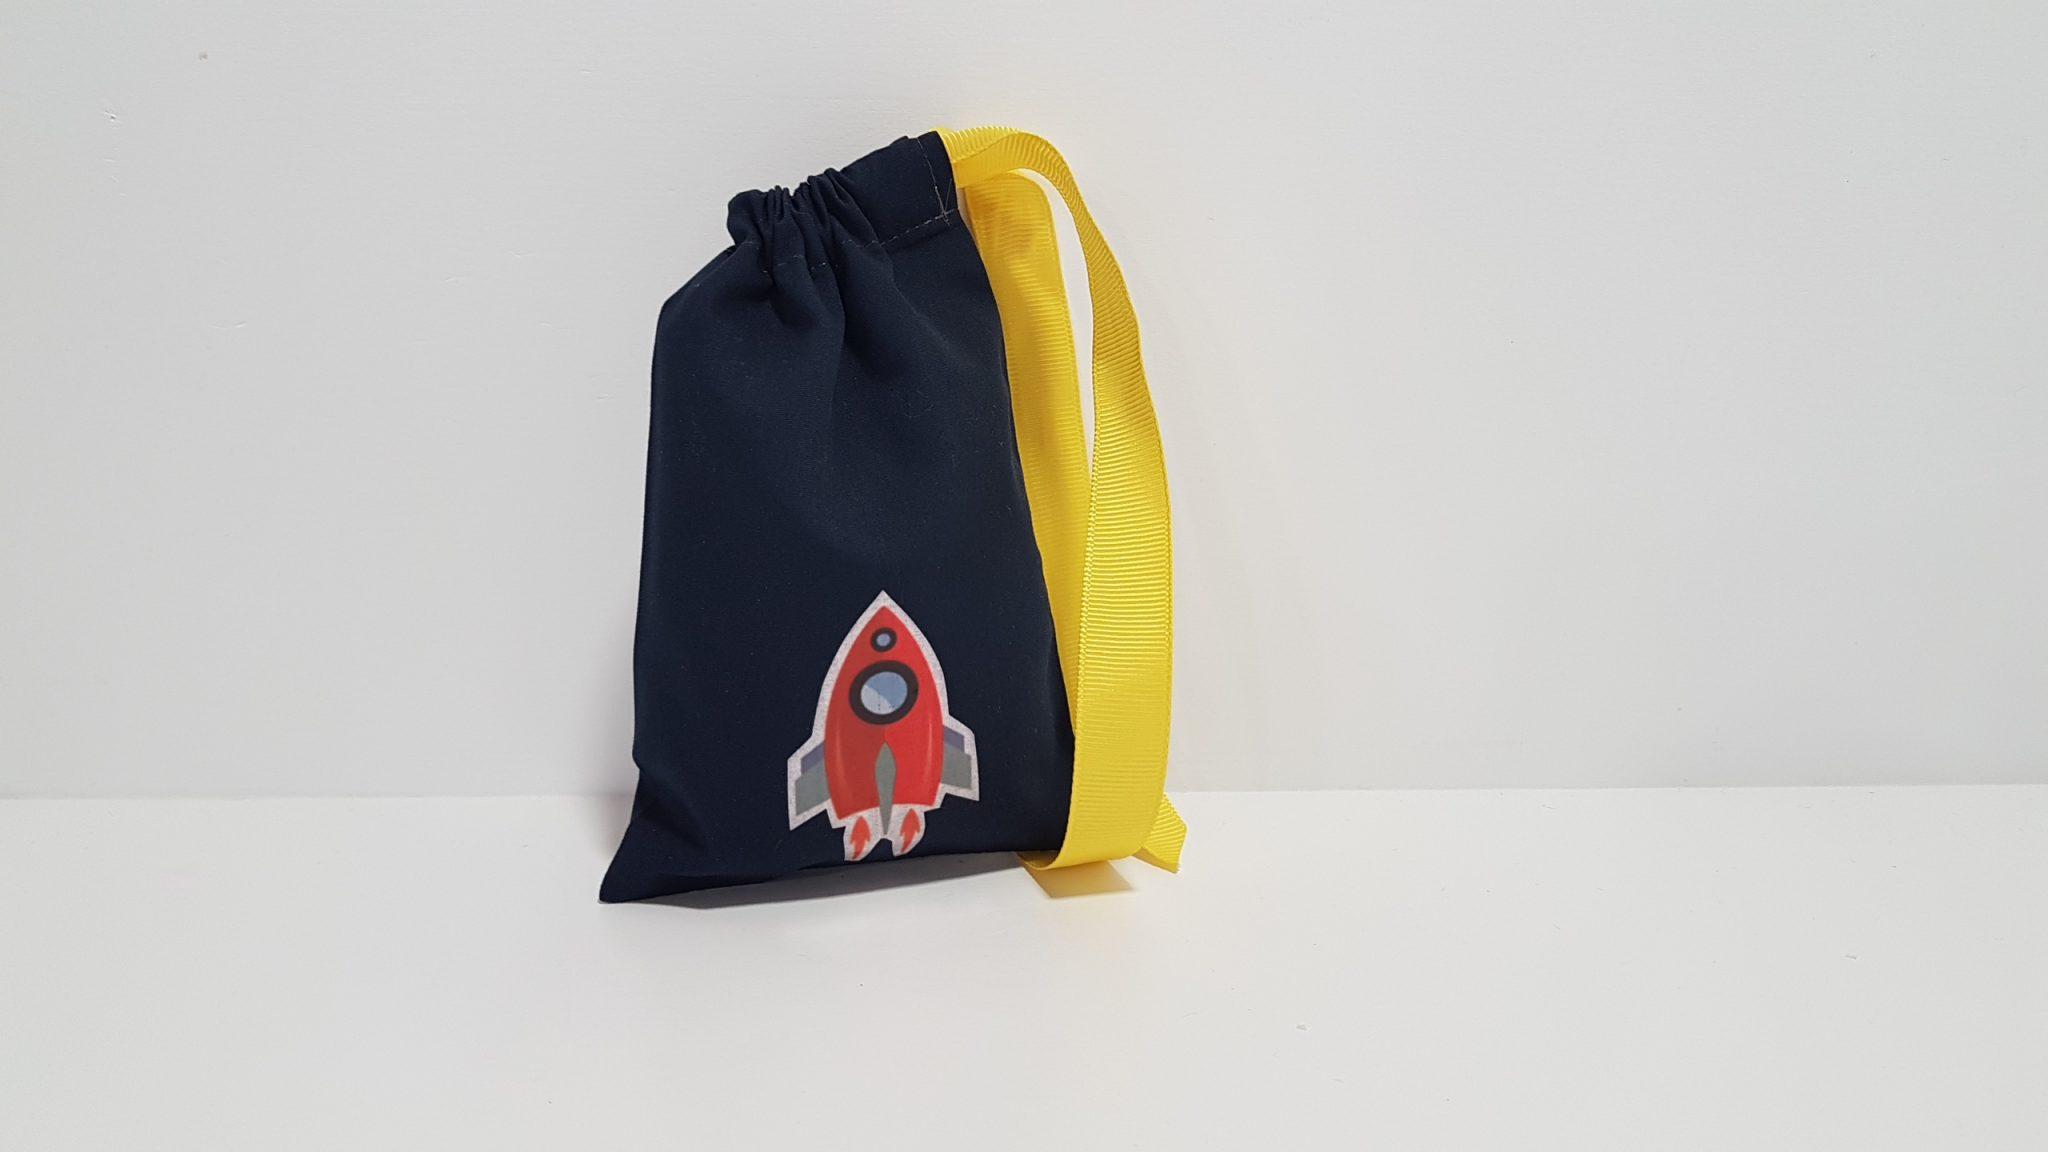 Μπομπονιέρα πουγκί με κόκκινο διαστημόπλοιο και περαστή κορδέλα.